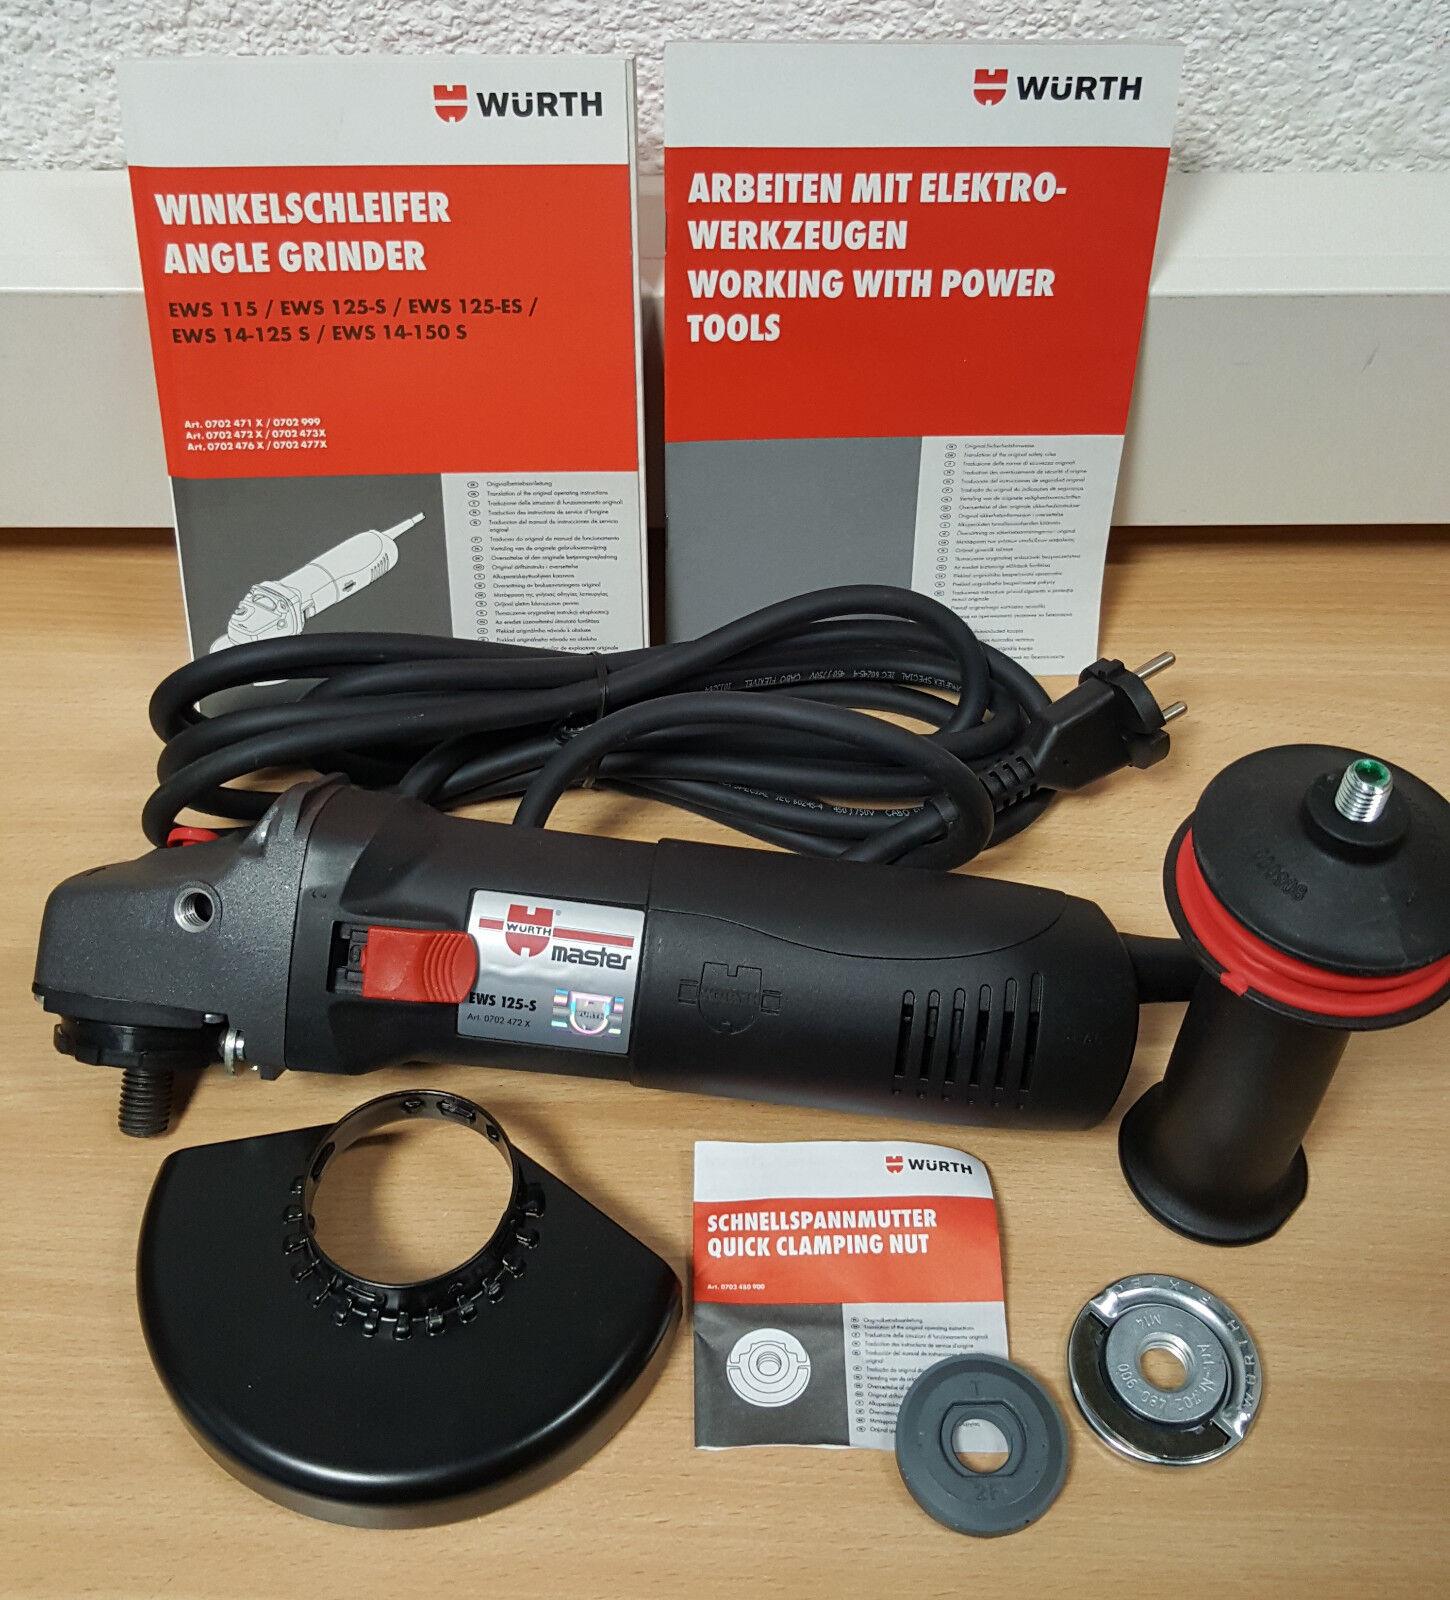 WÜRTH Winkelschleifer EWS 125-S Fixtec 07024722 NEU OVP Schleifhexe 1100W 125mm